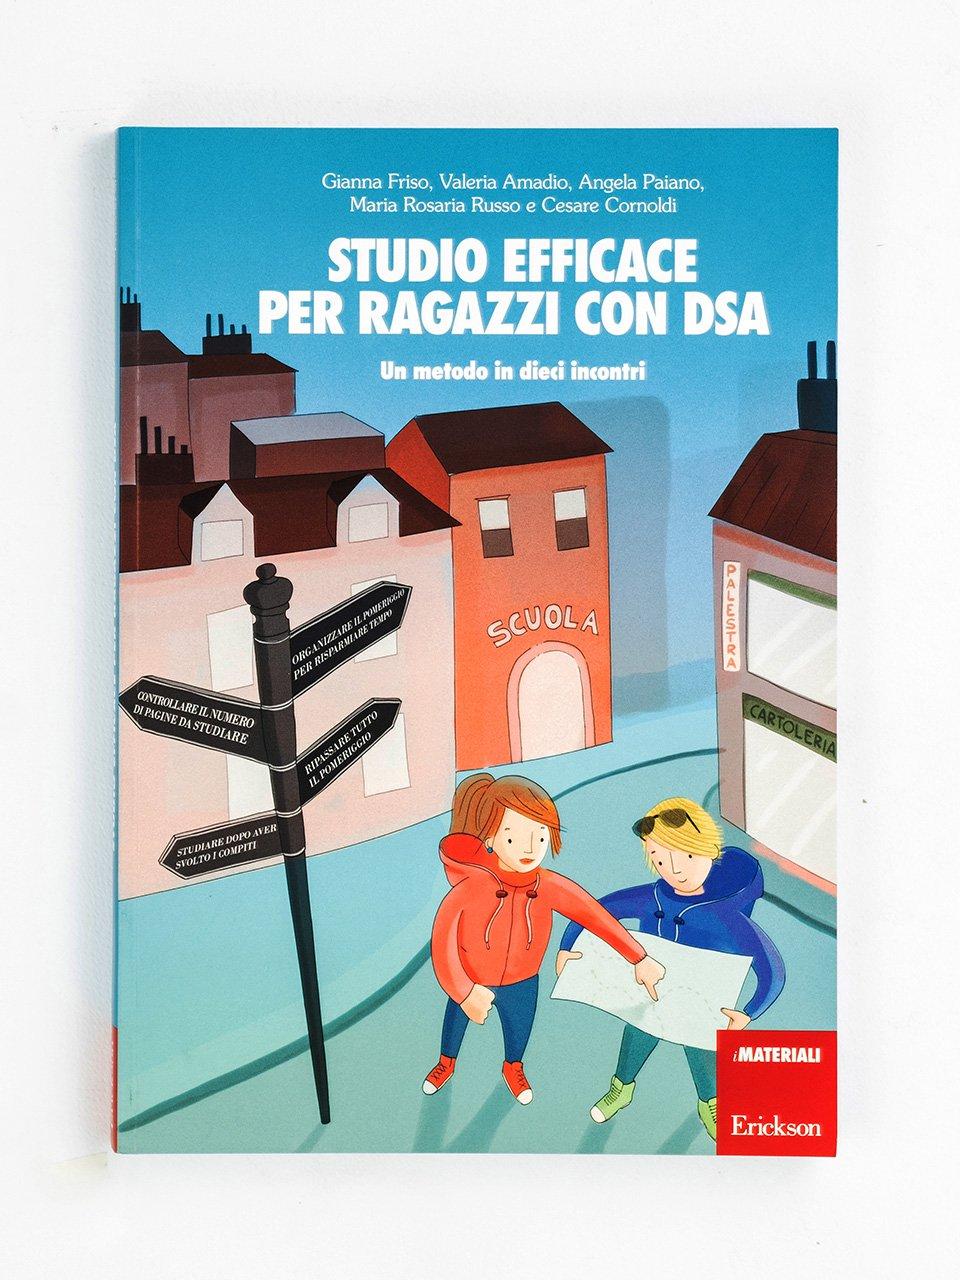 Studio efficace per ragazzi con DSA - Conosco il mondo con la LIS - Libri - Erickson